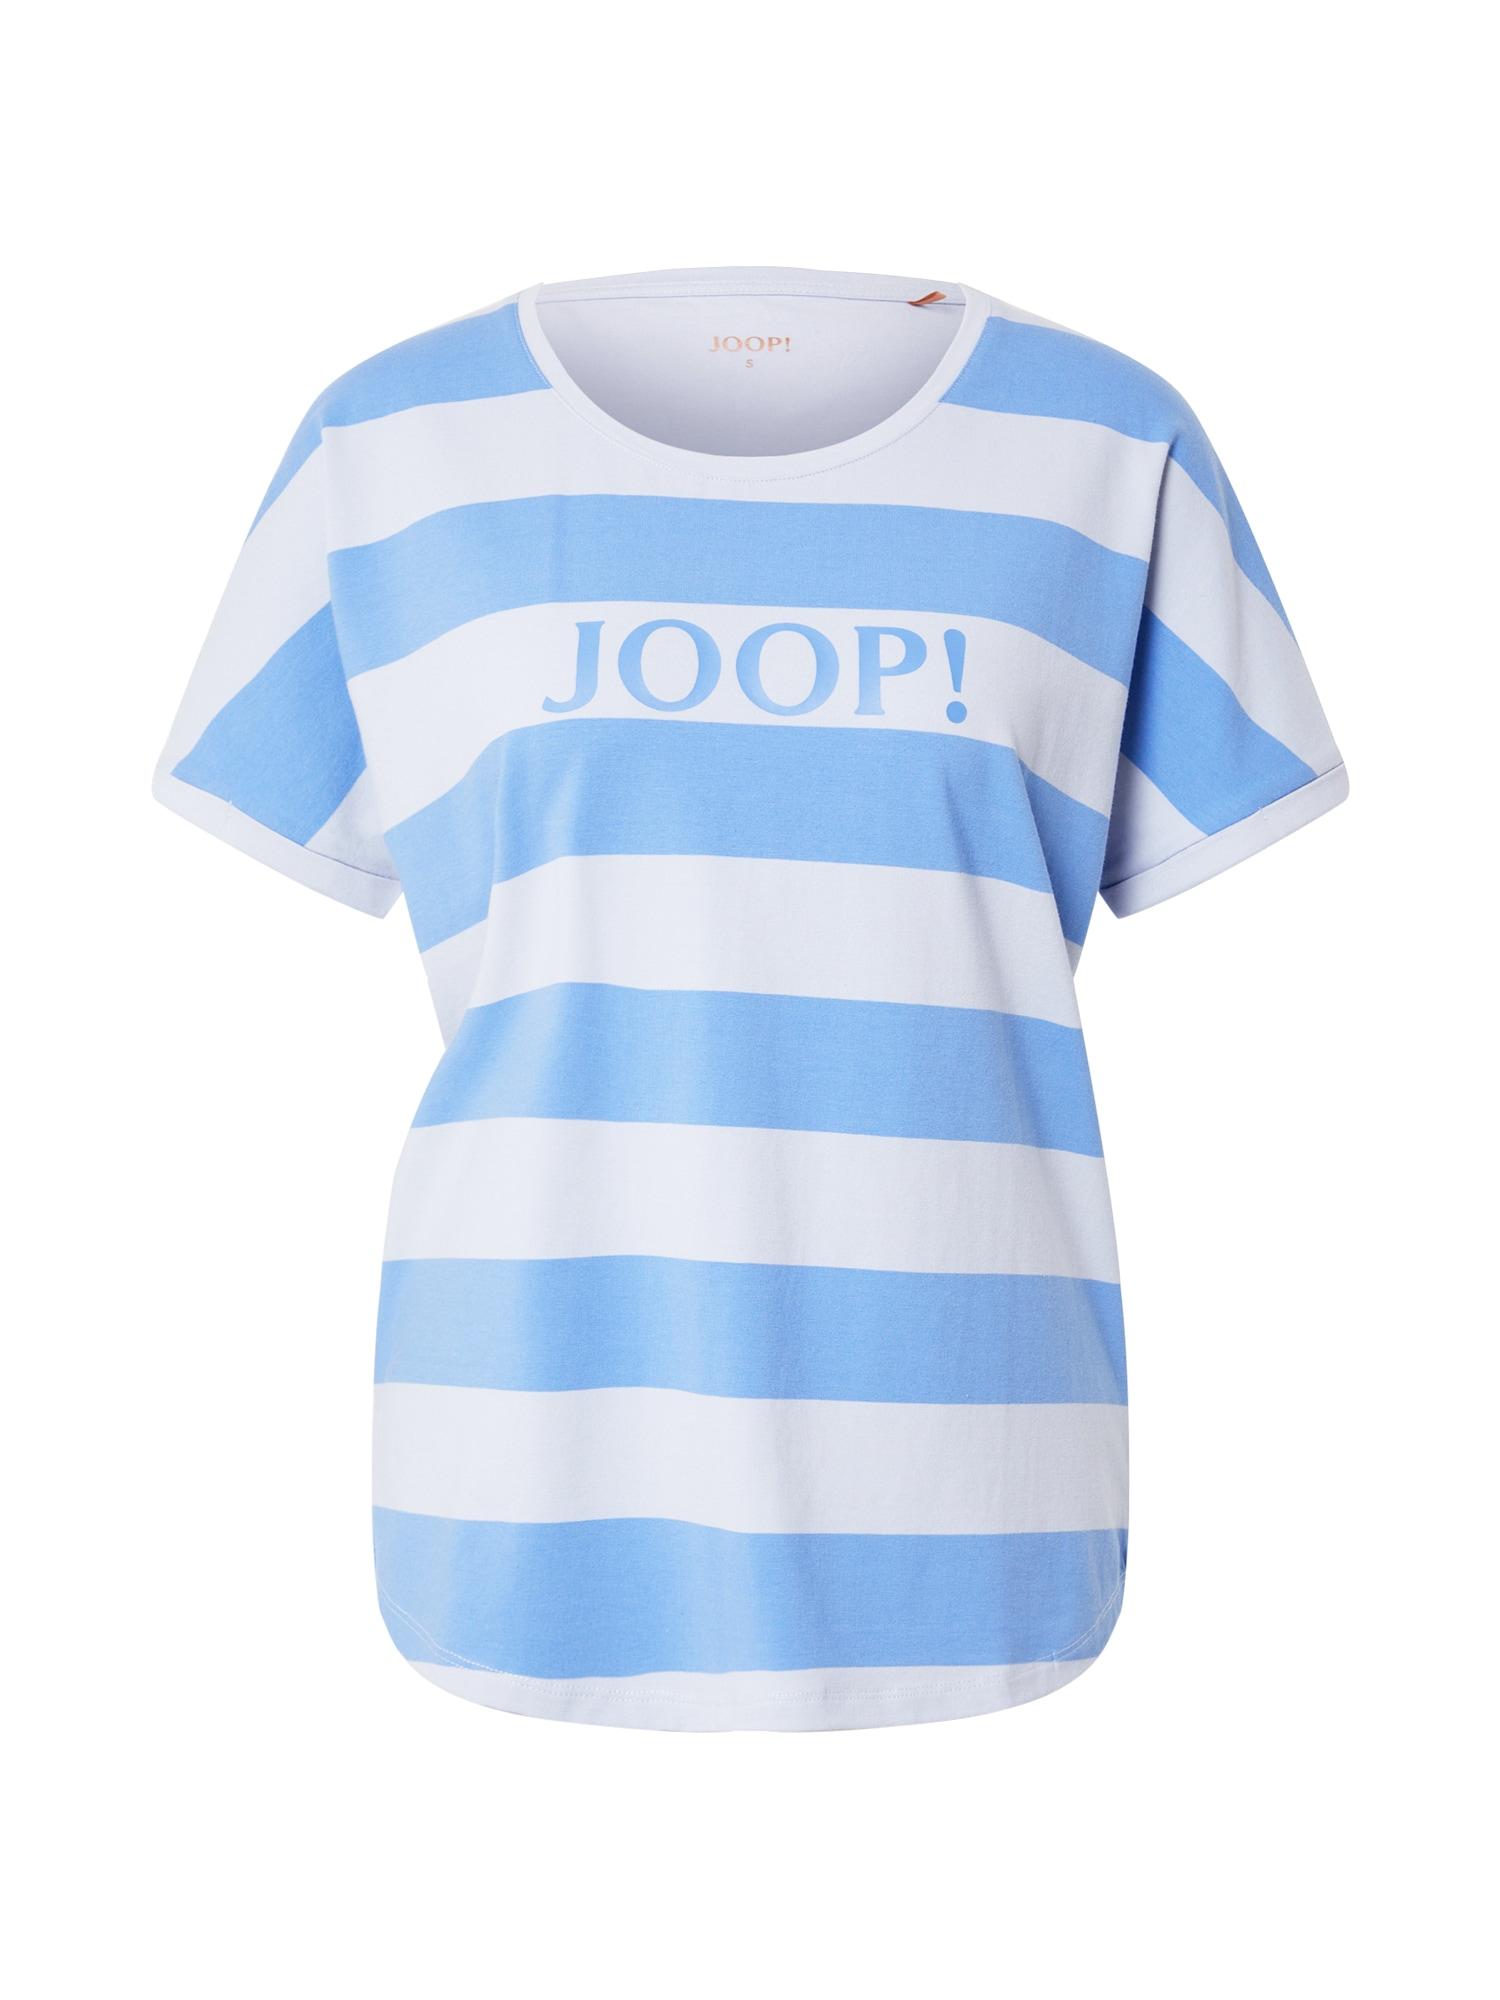 """JOOP! Bodywear Pižaminiai marškinėliai sodri mėlyna (""""karališka"""") / šviesiai mėlyna / balta"""